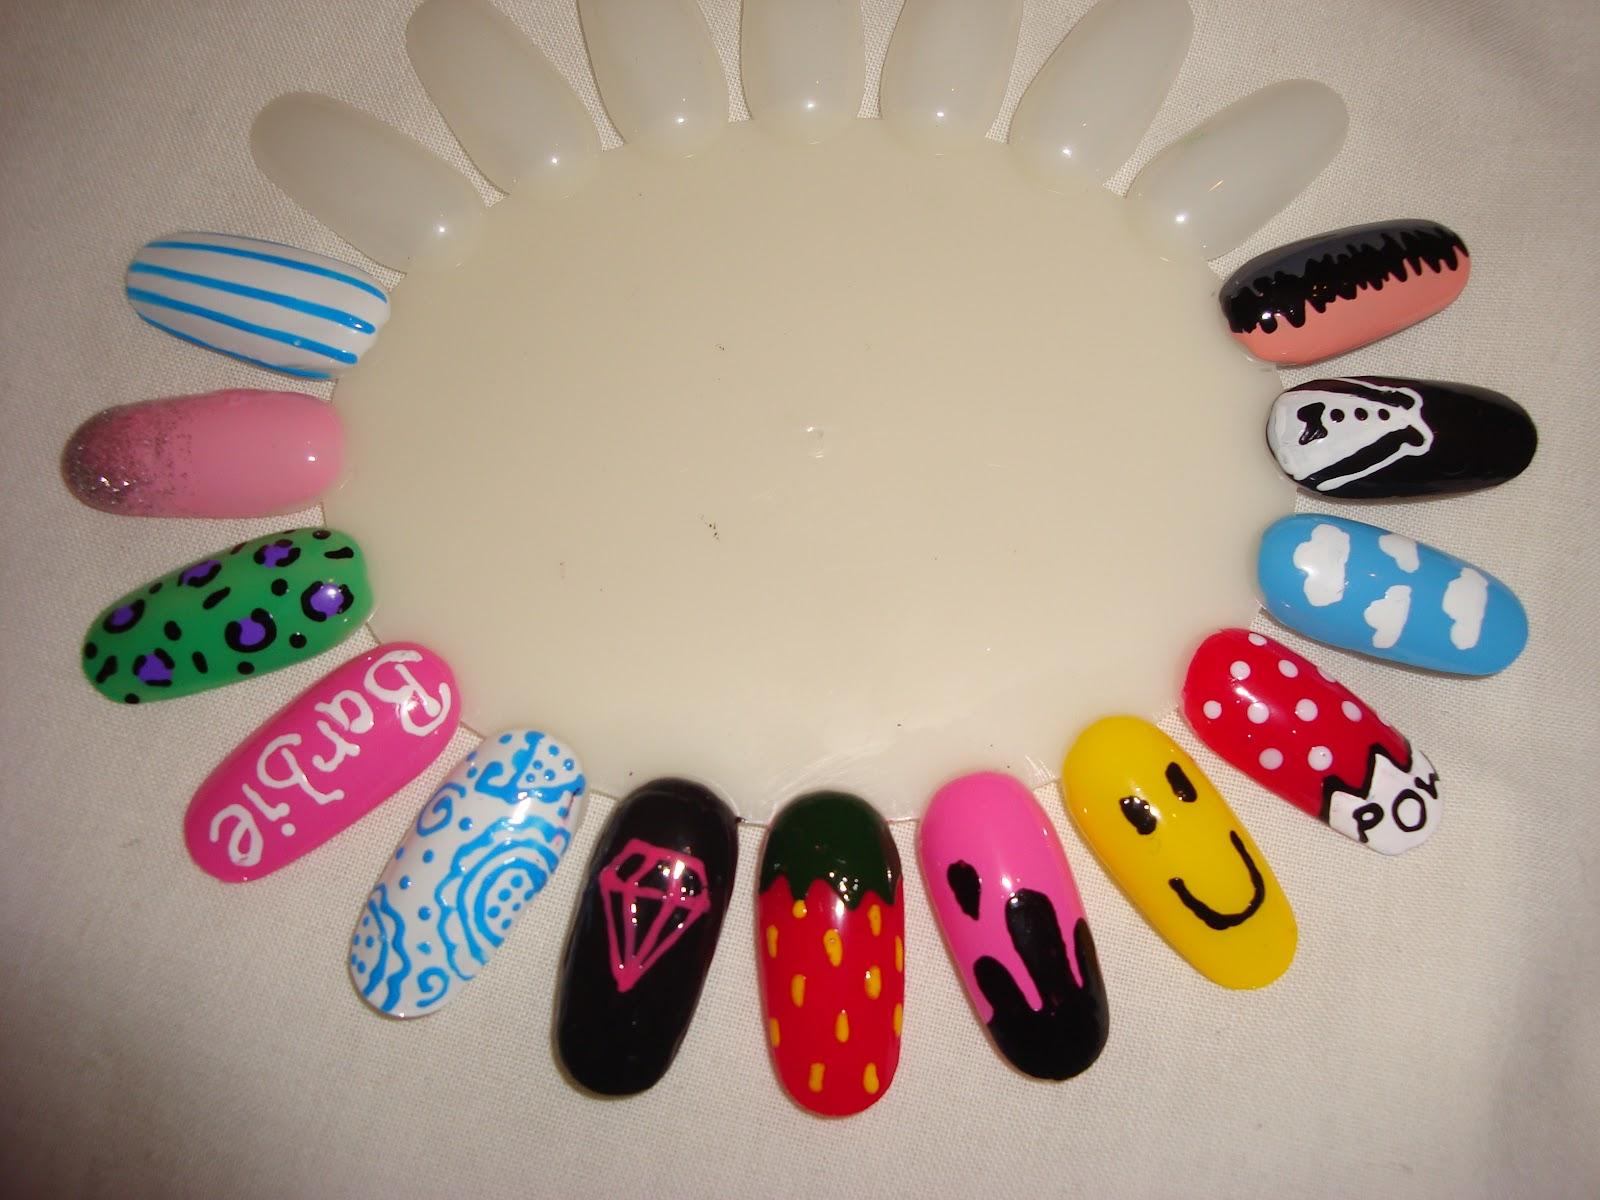 Nail art wheel image collections nail art and nail design ideas artzeenailz nail wheel inspired by wah nails this nail wheel displays nail art designs inspired by prinsesfo Image collections